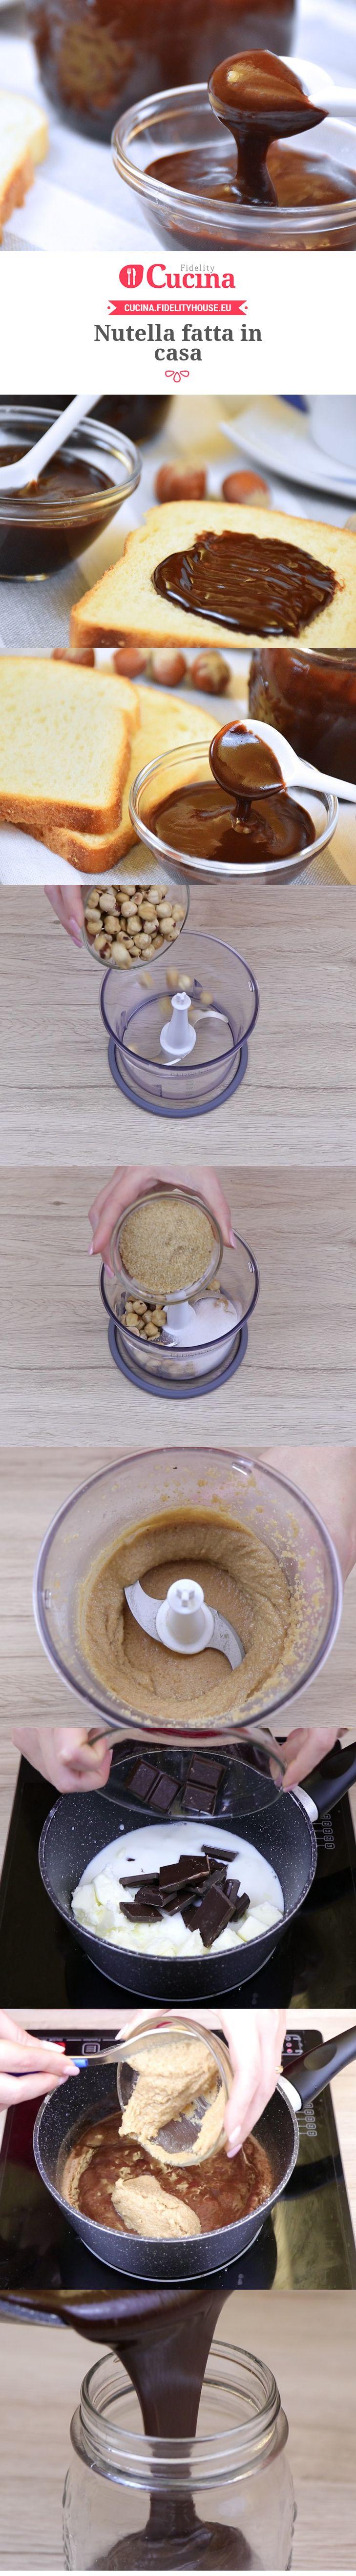 Nutella fatta in casa